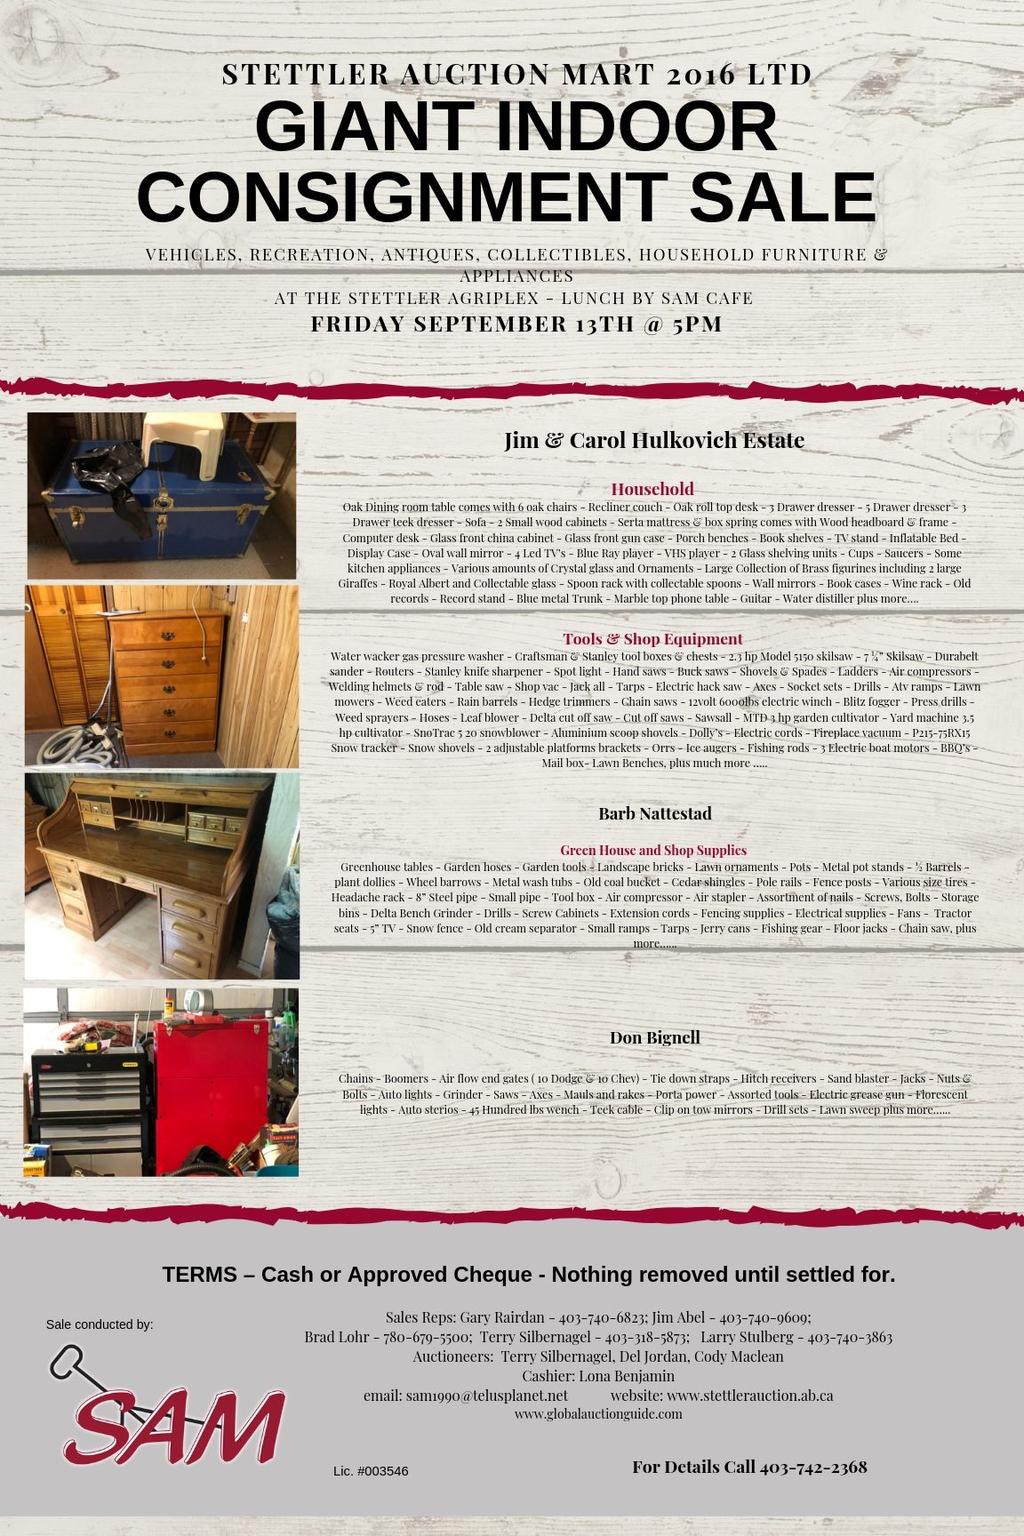 Sales | Stettler Auction Mart | Stettler, AB